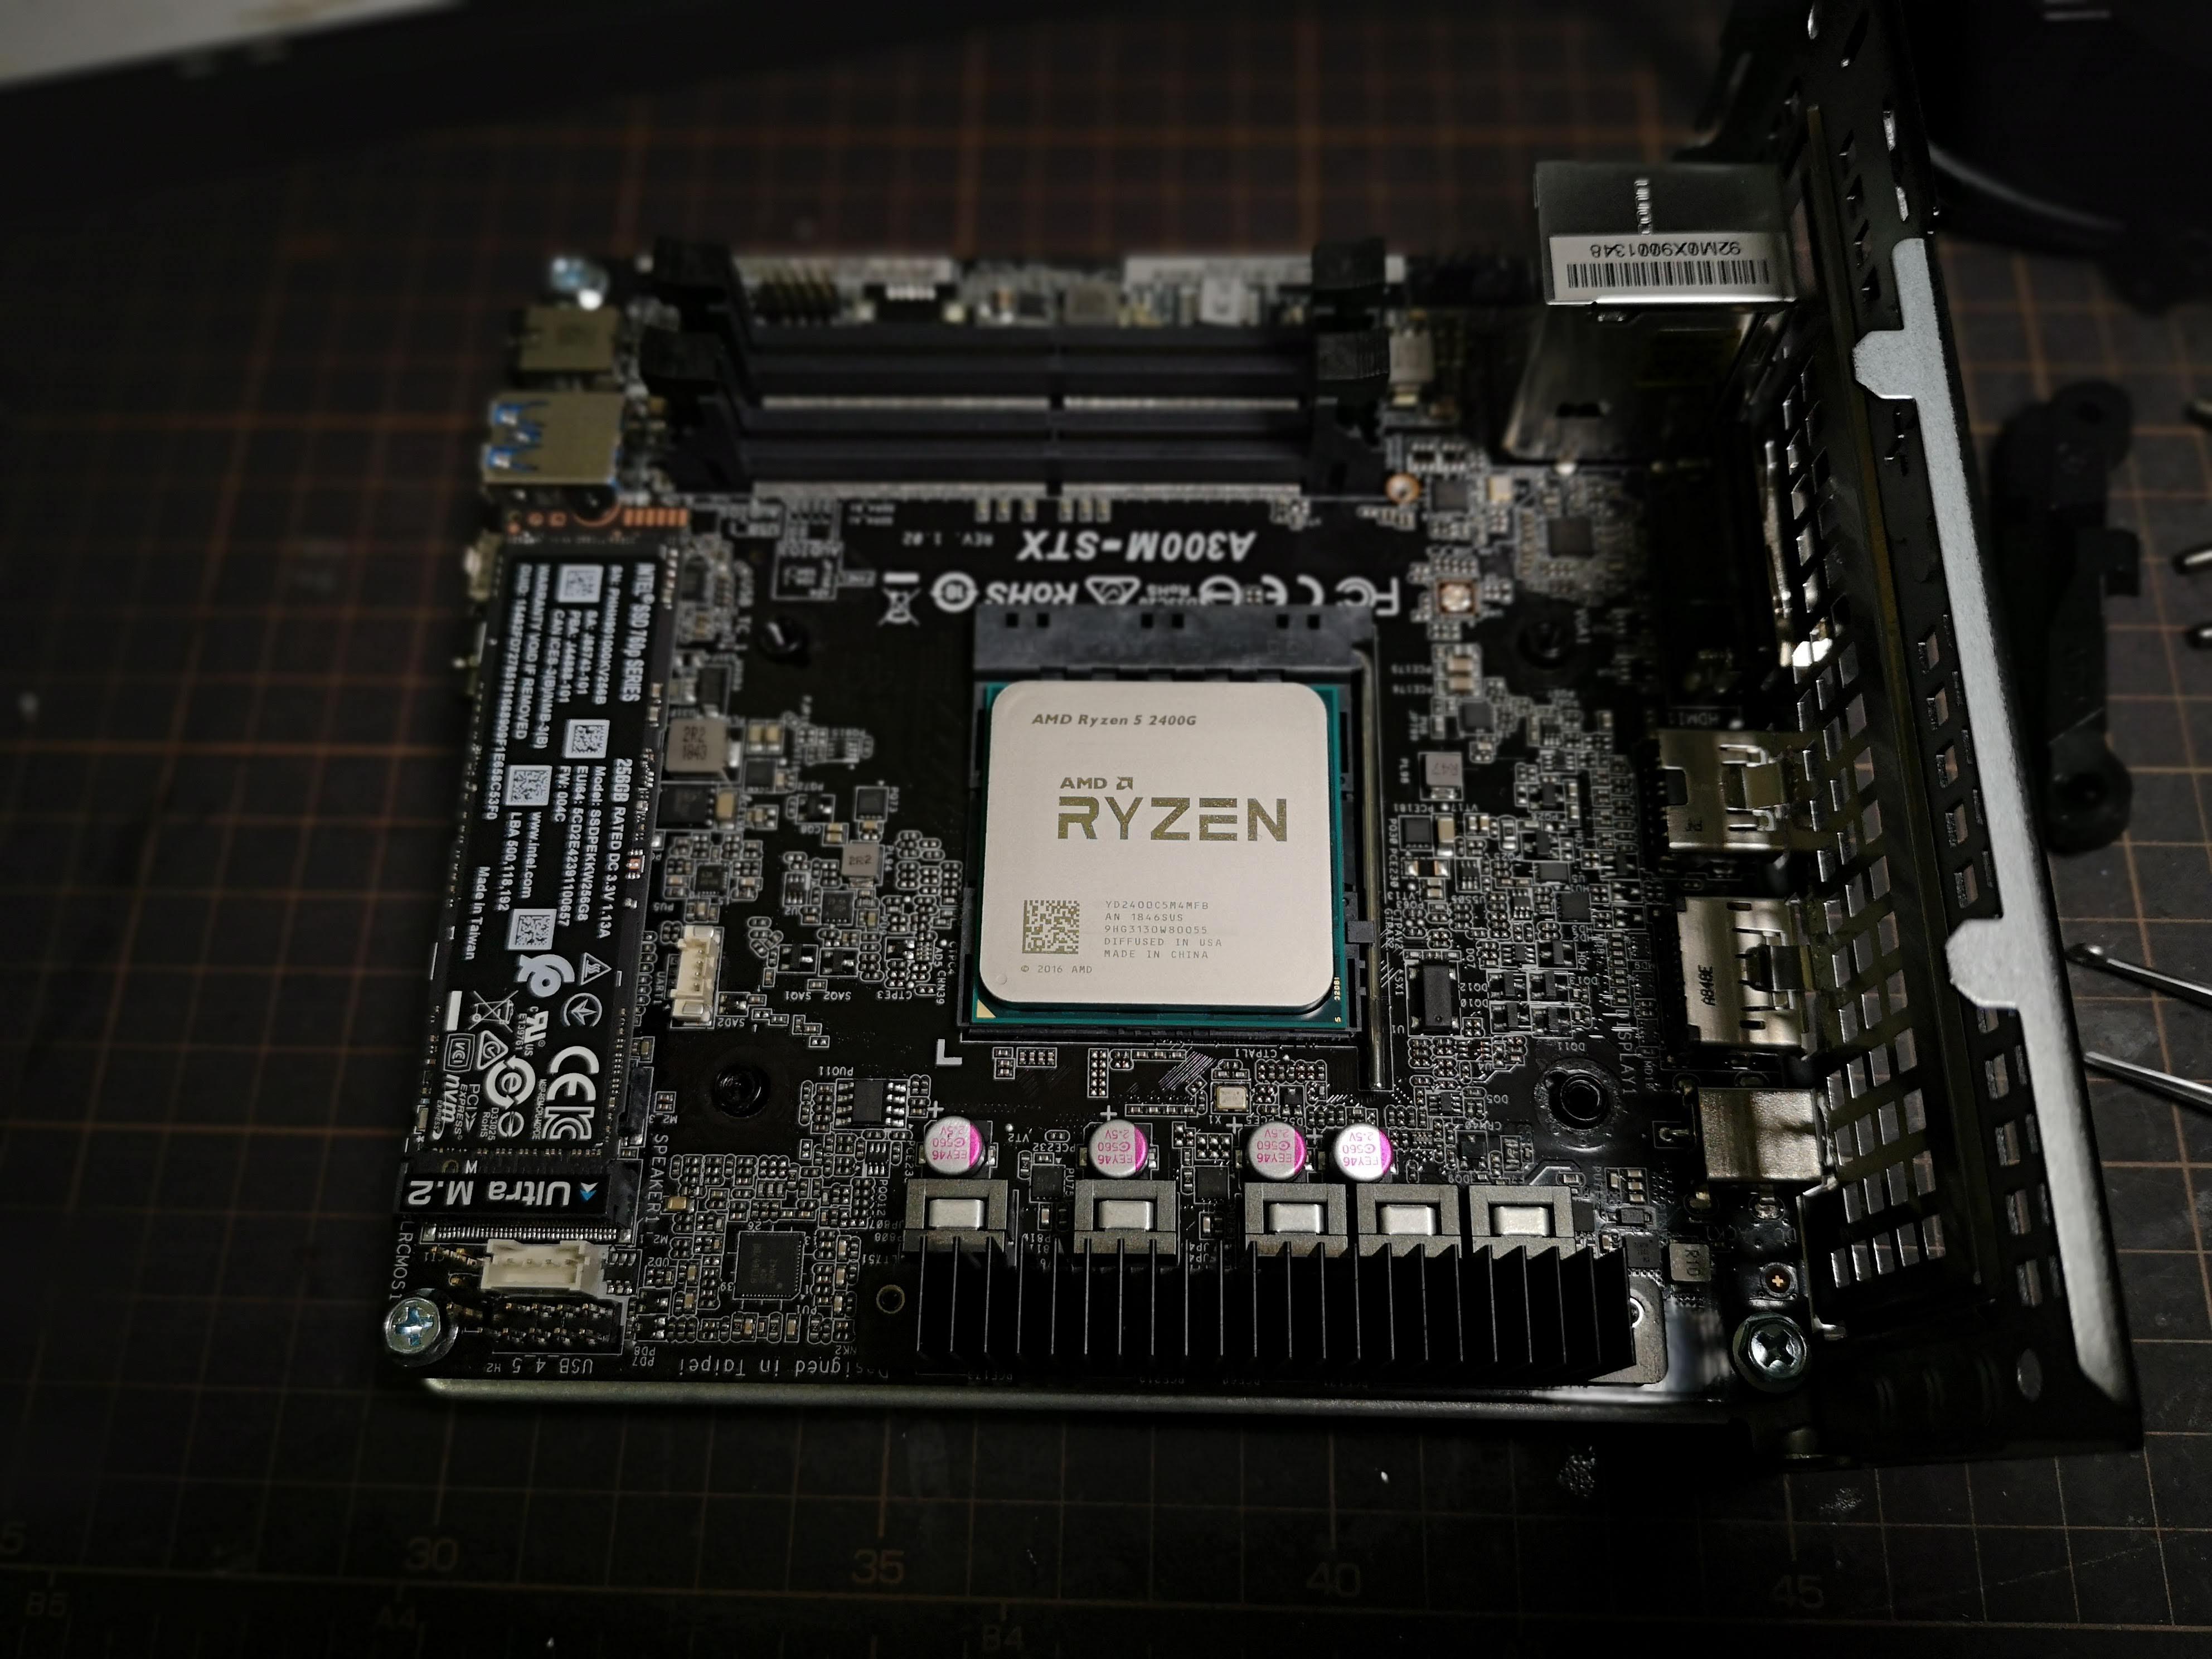 ASRock DeskMini A300 買った (Ryzen 5 2400G / 16GB / リテールクーラー